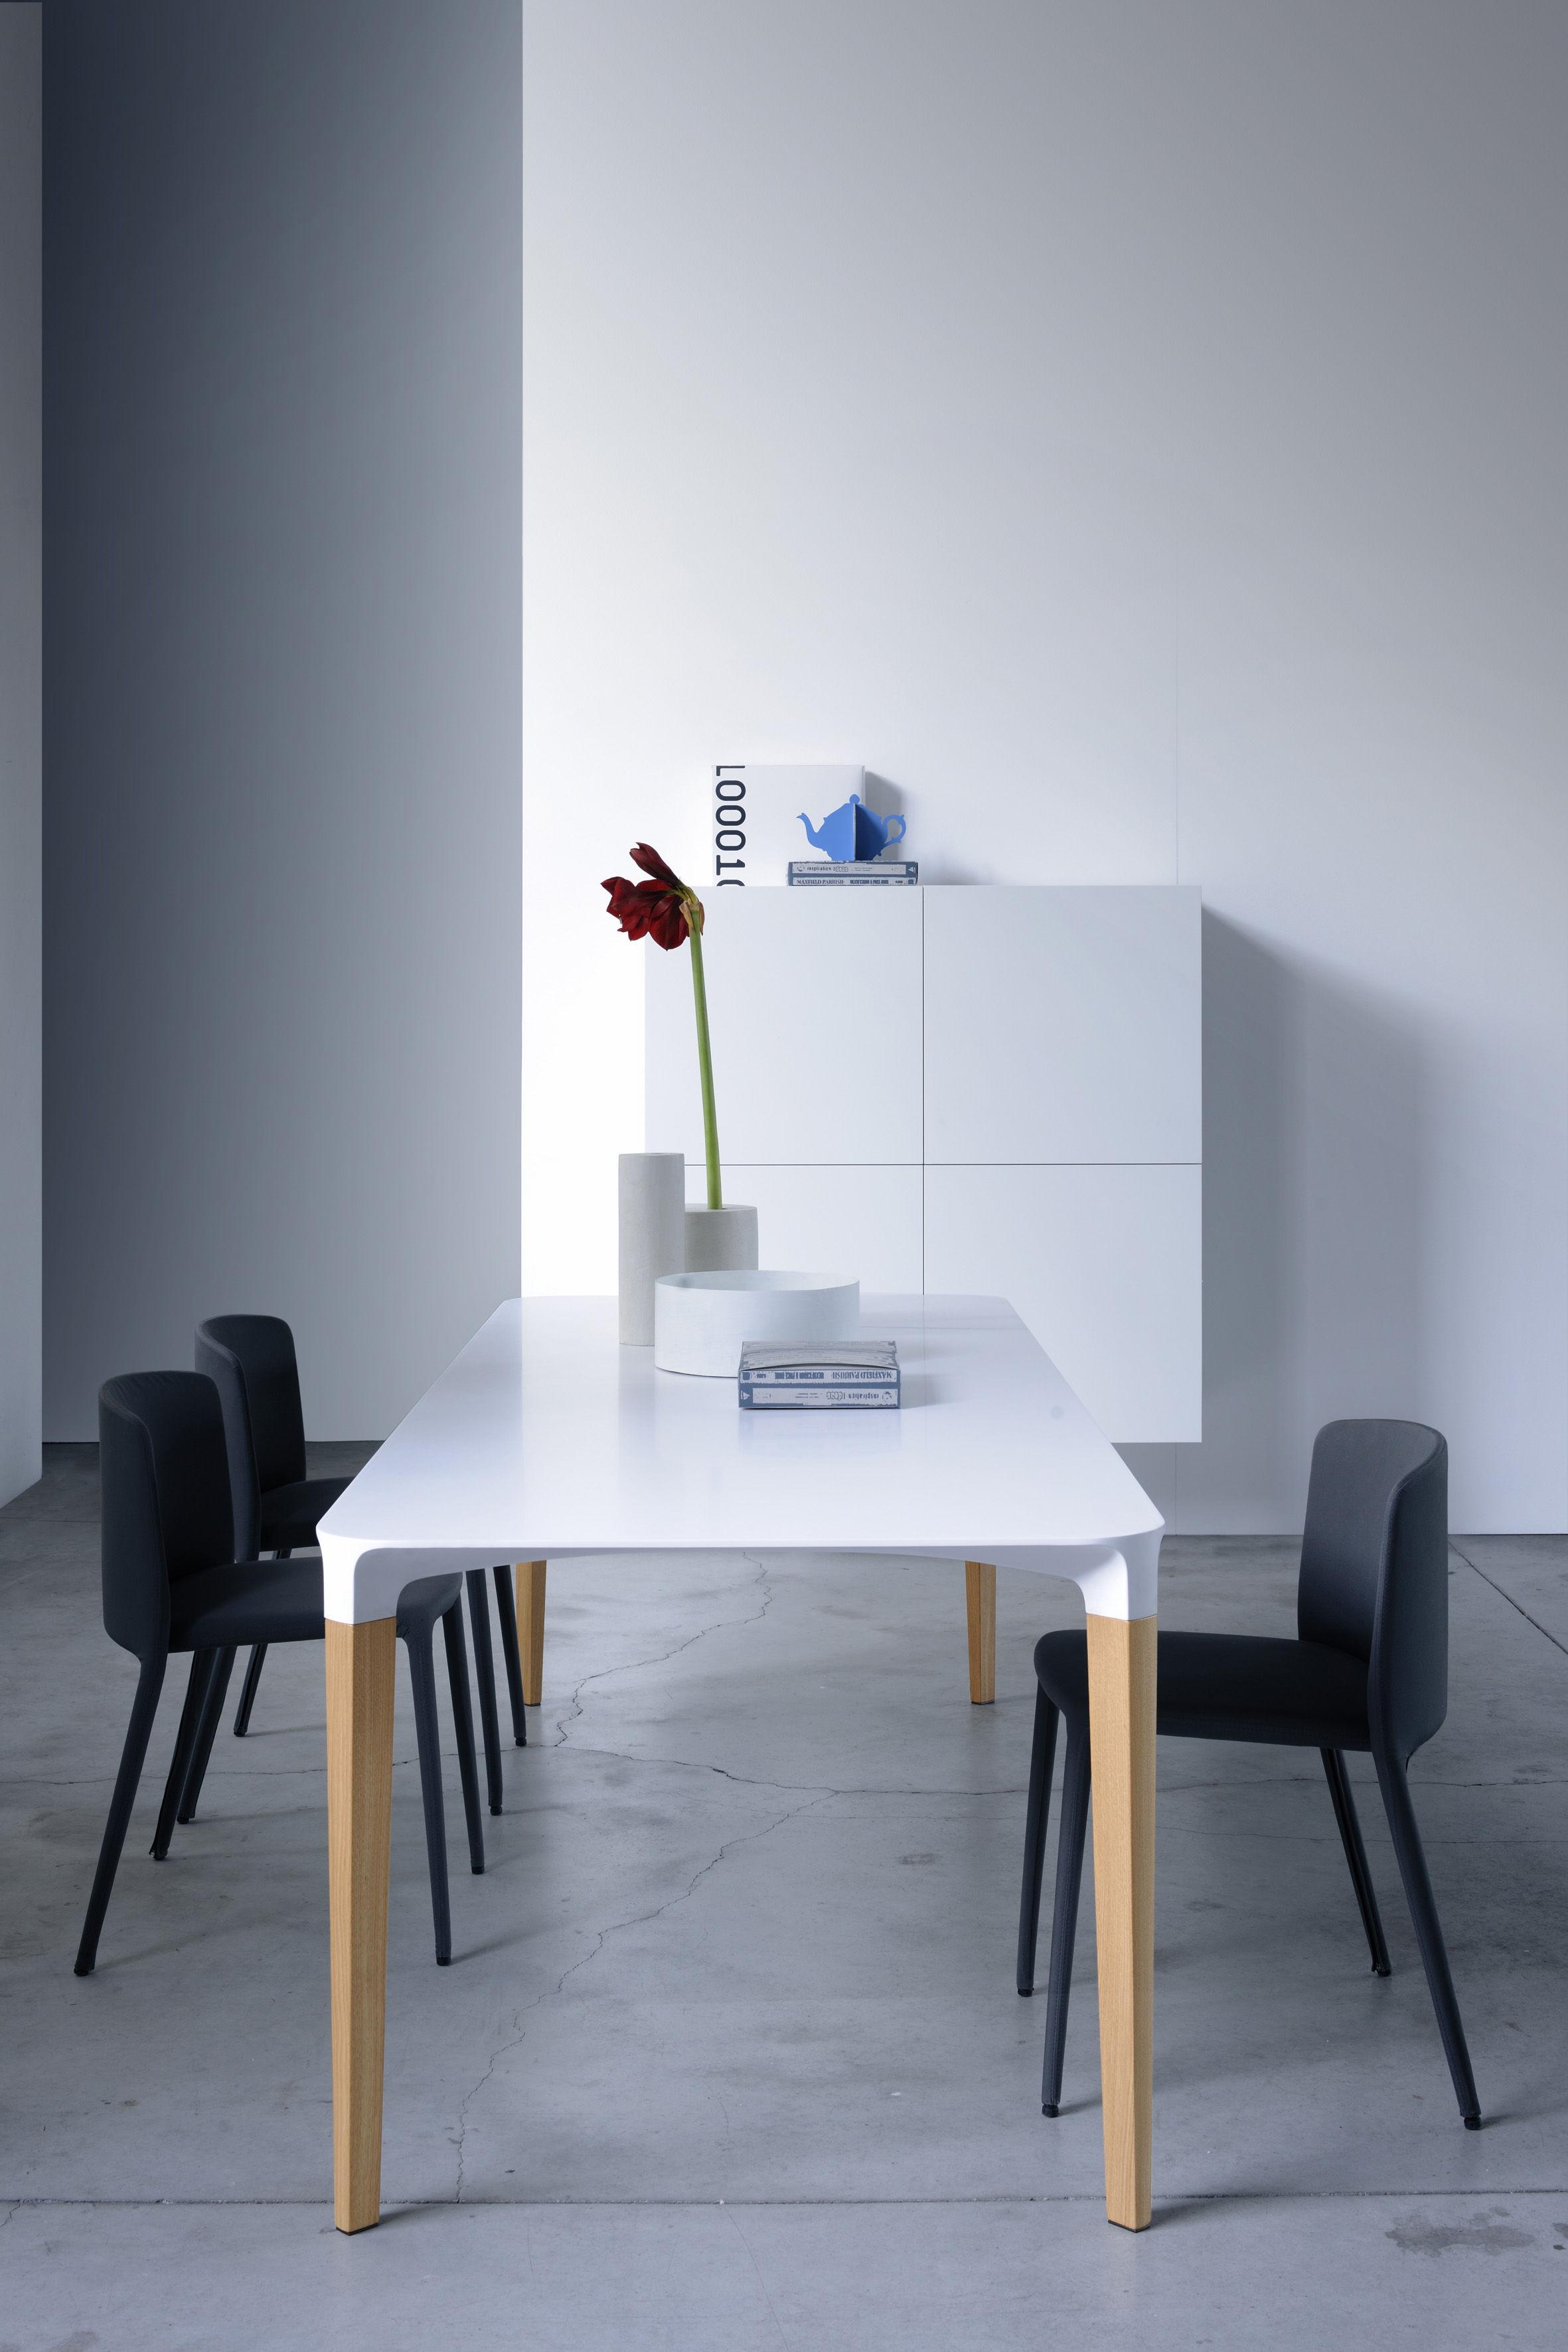 beam aus cristalplant l 180 cm mdf italia tisch. Black Bedroom Furniture Sets. Home Design Ideas